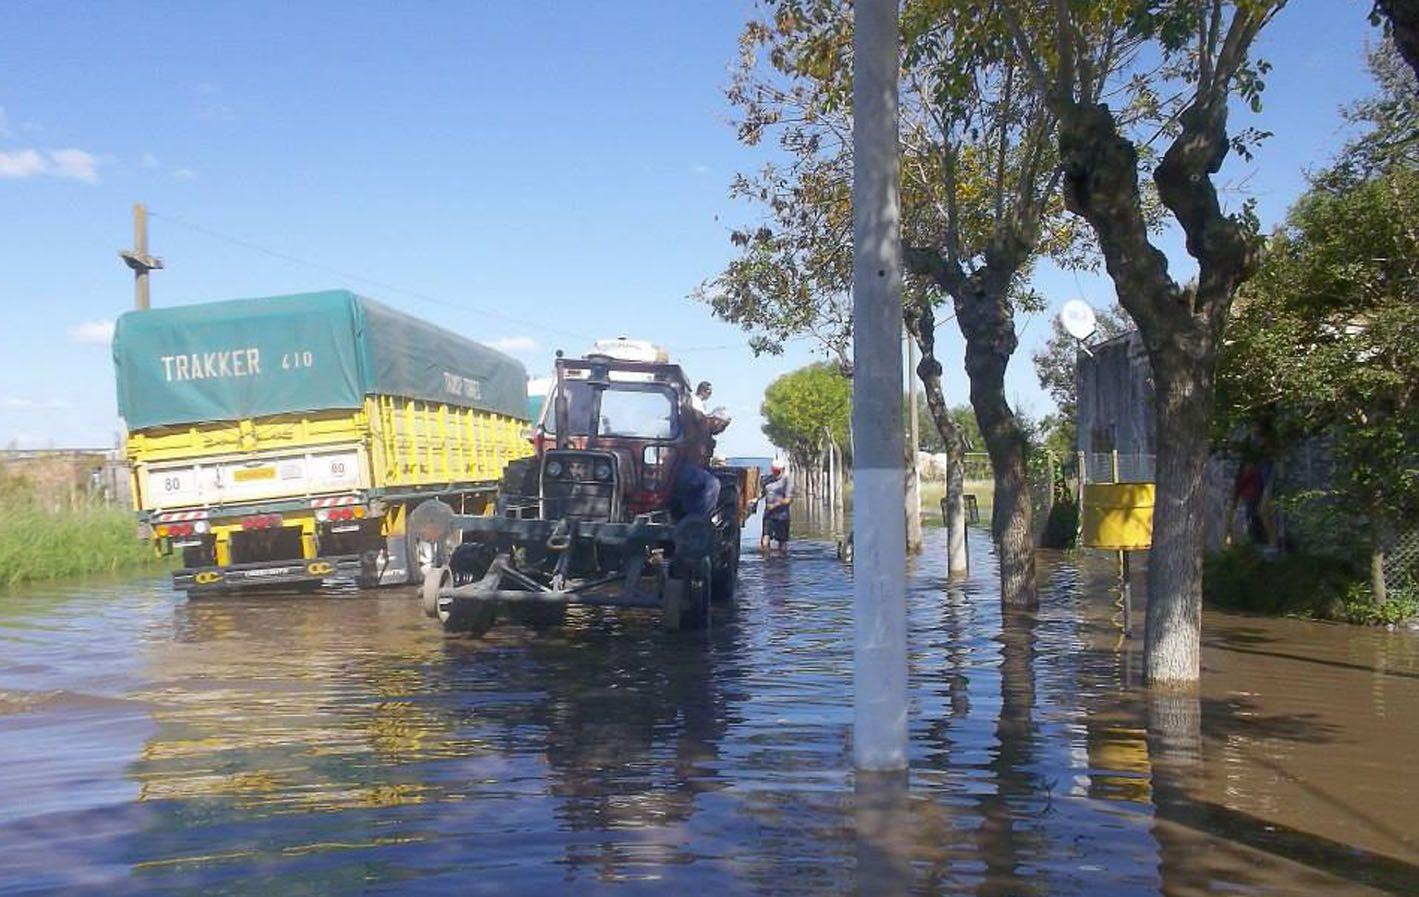 La obra evitará el anegamiento del pueblo de La Chispa y la zona.